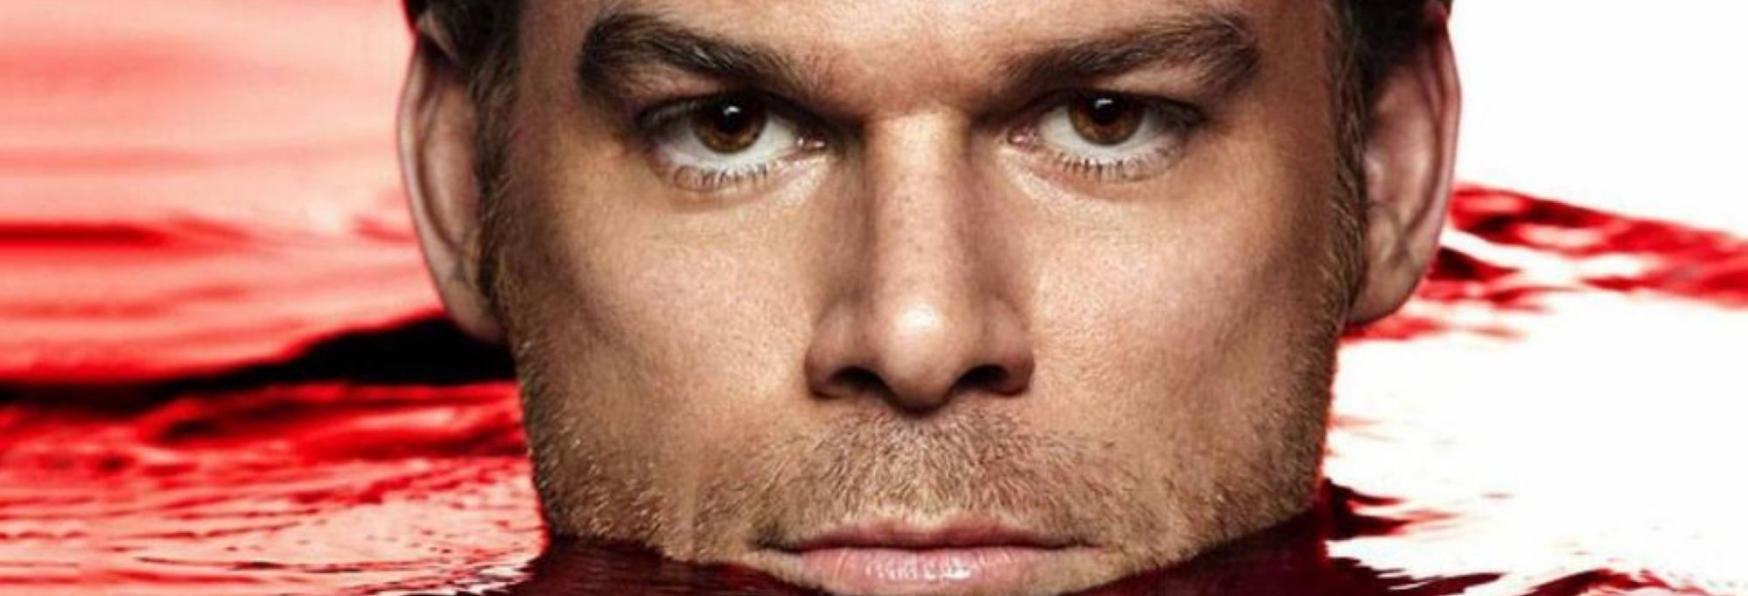 Dexter: secondo Michael C. Hall il Revival potrebbe durare più di una Stagione